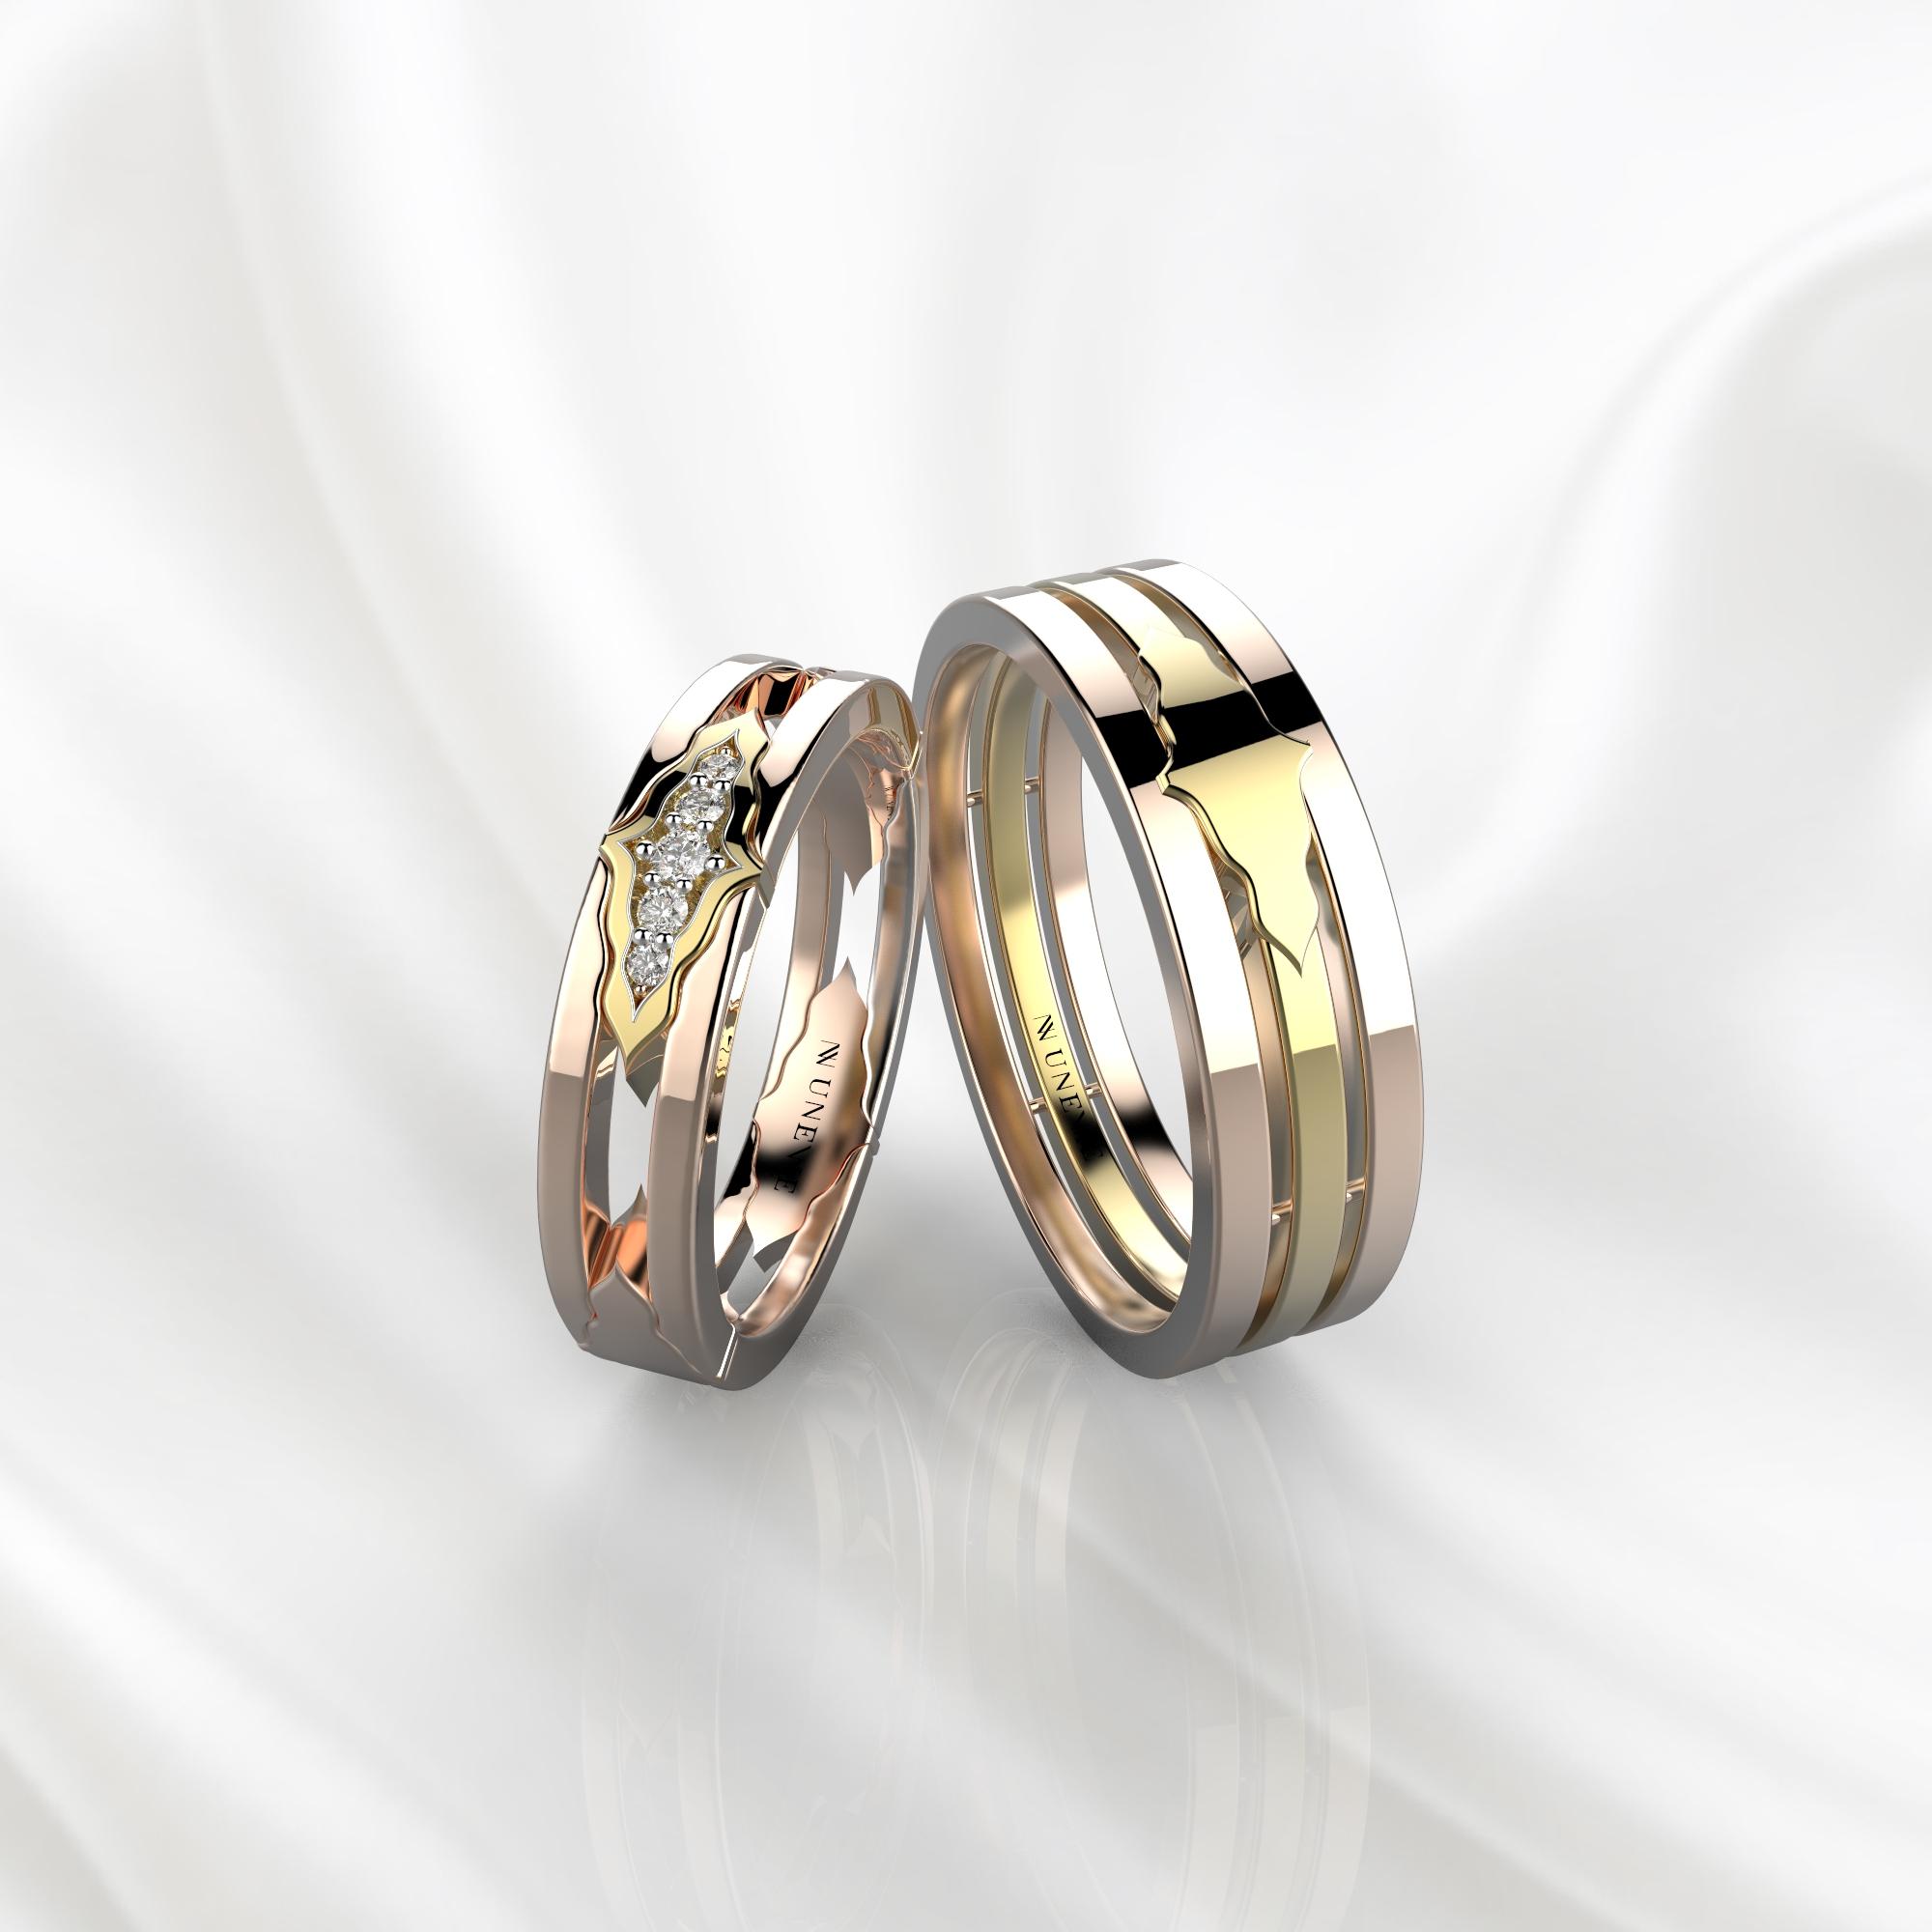 Парные обручальные кольца из розово-желтого золота с 5 бриллиантами